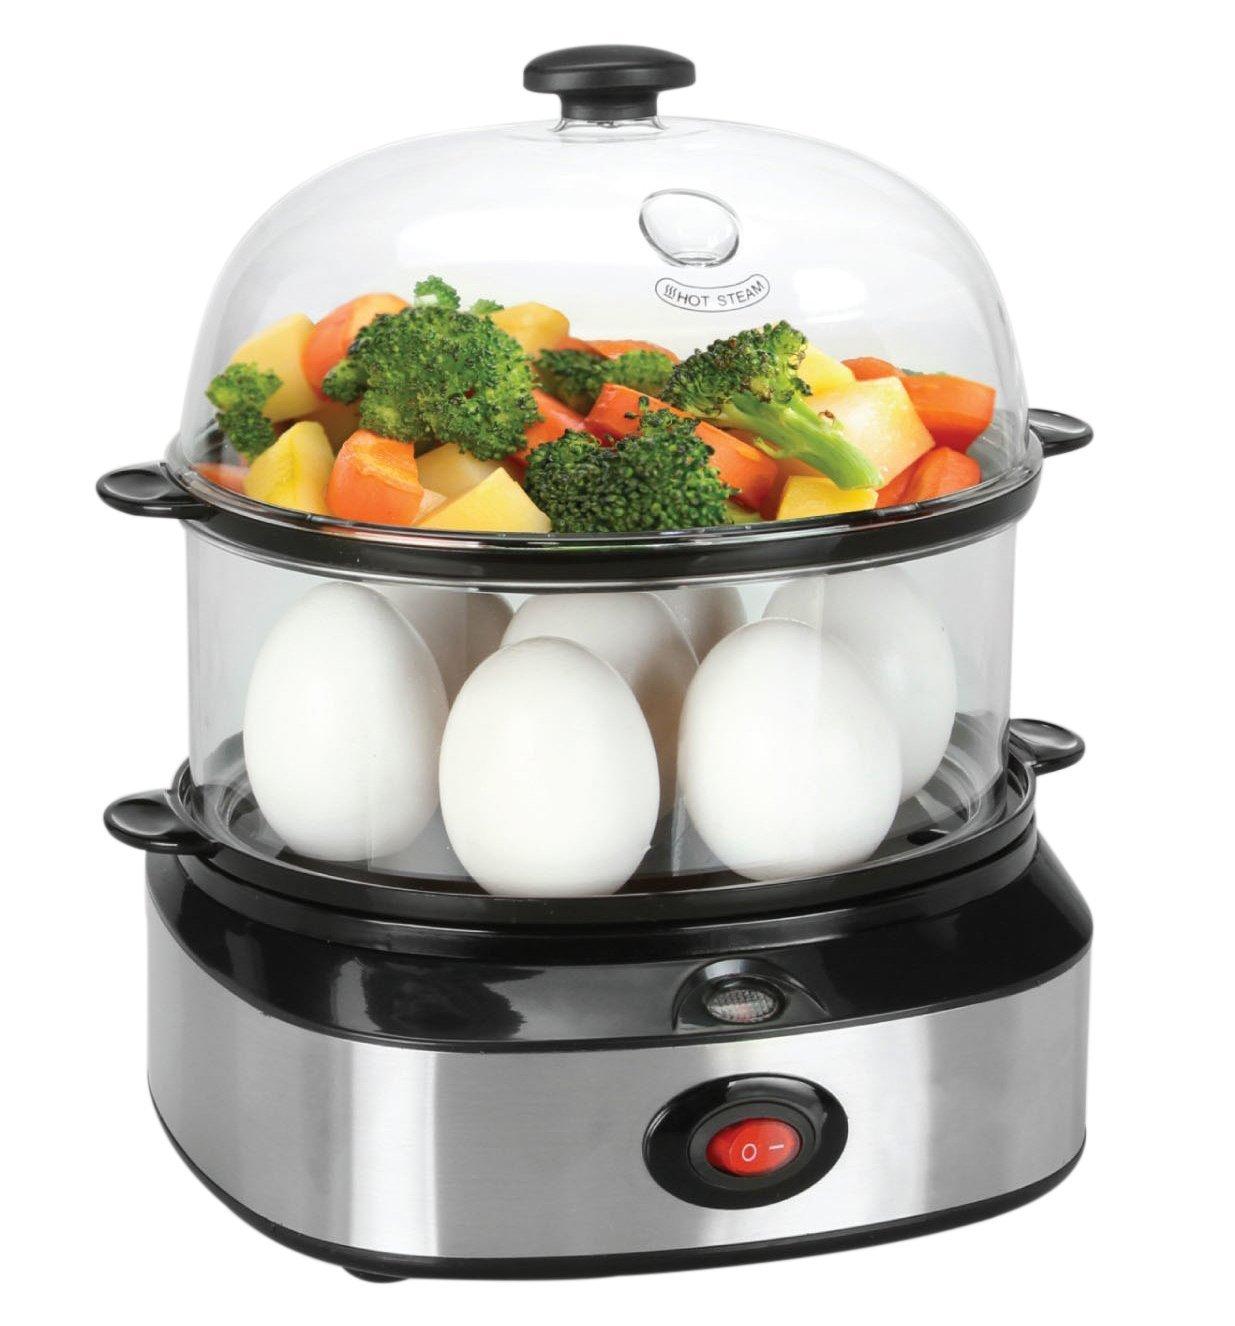 PowCube Egg Cooker Egg Steamer Electric Egg Poacher Egg Boiler & Dash Deluxe Egg Cooker& Egg Boiler